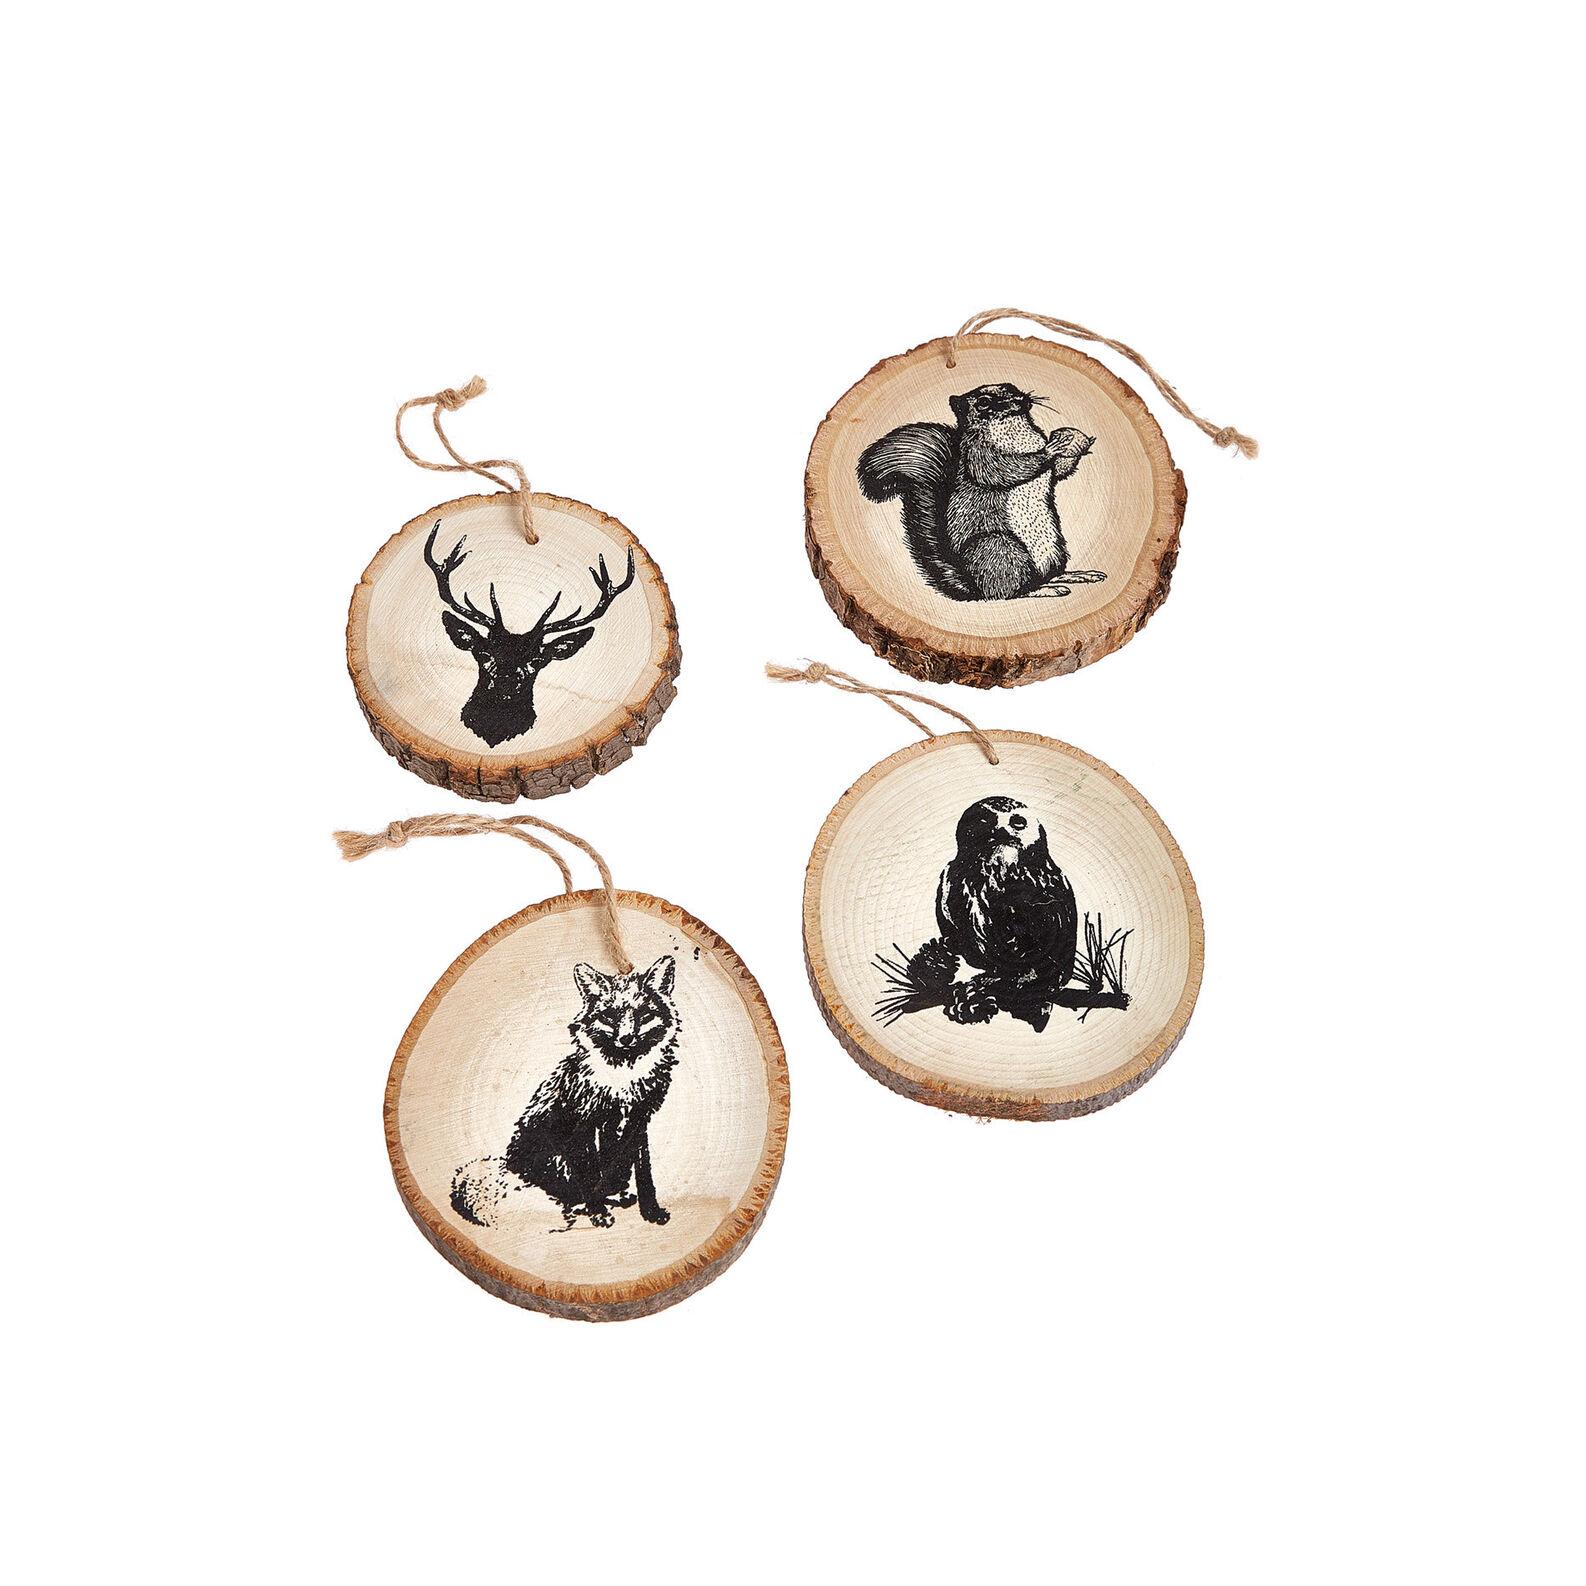 Addobbo in legno con animali del bosco